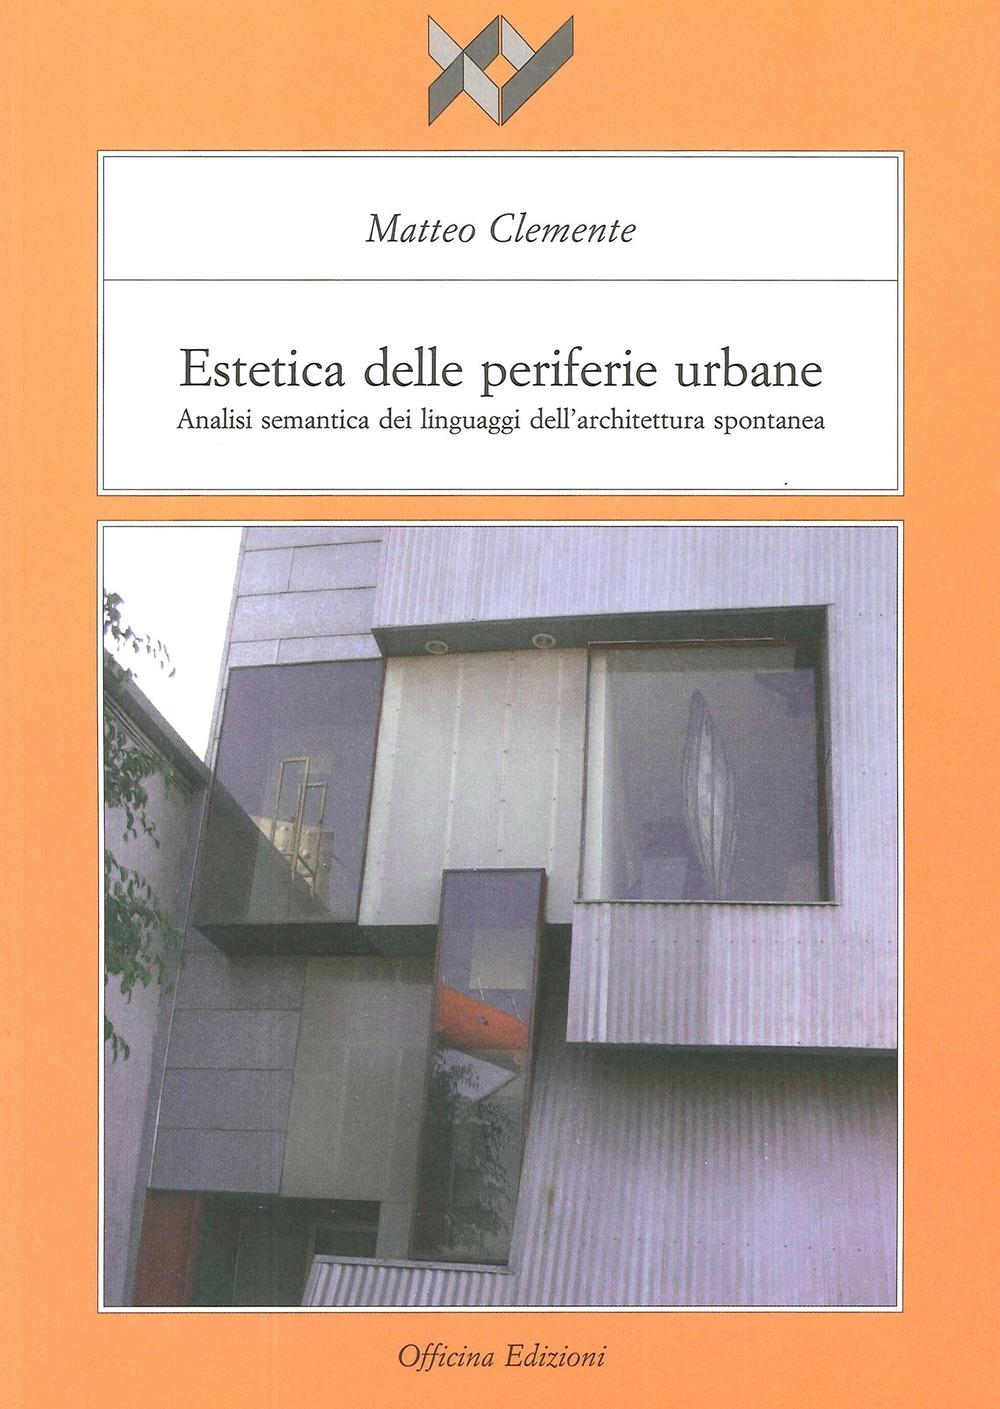 Estetica delle Periferie Urbane. Analisi semantica dei linguaggi dell'architettura spontanea.